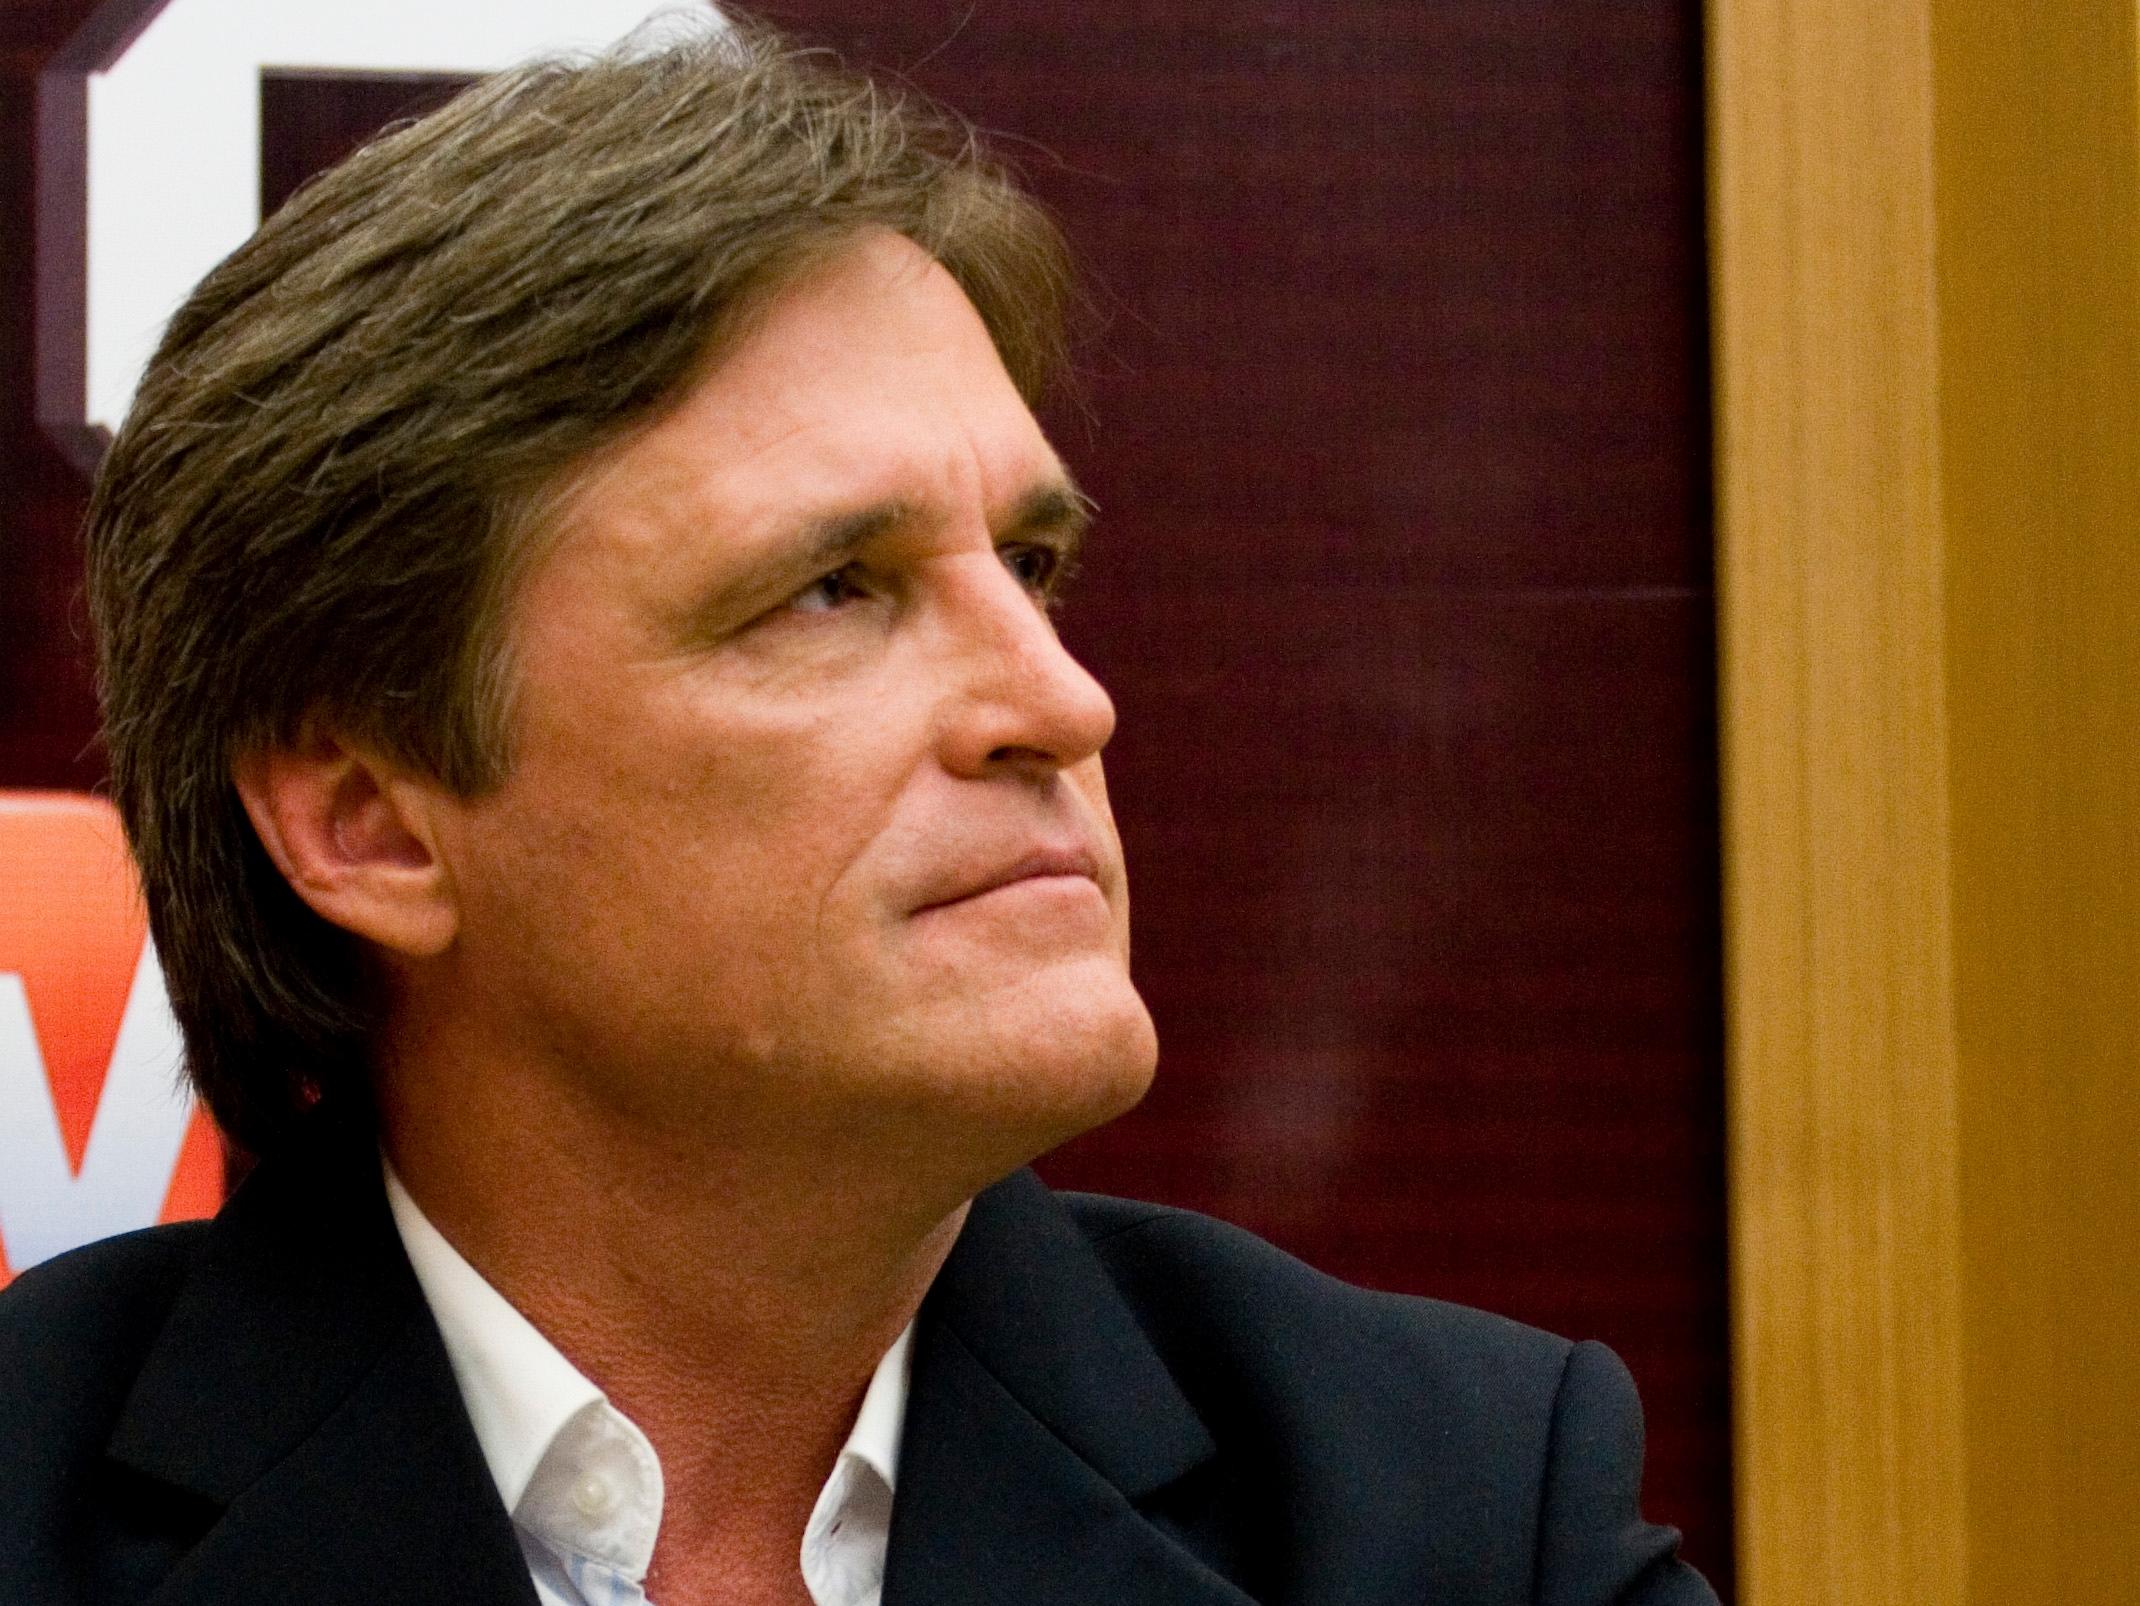 O ex-prefeito de Florianópolis Dário Berger foi um dos multados na nova decisão do TCE/SC - Lucas Sampaio/Arquivo/ND